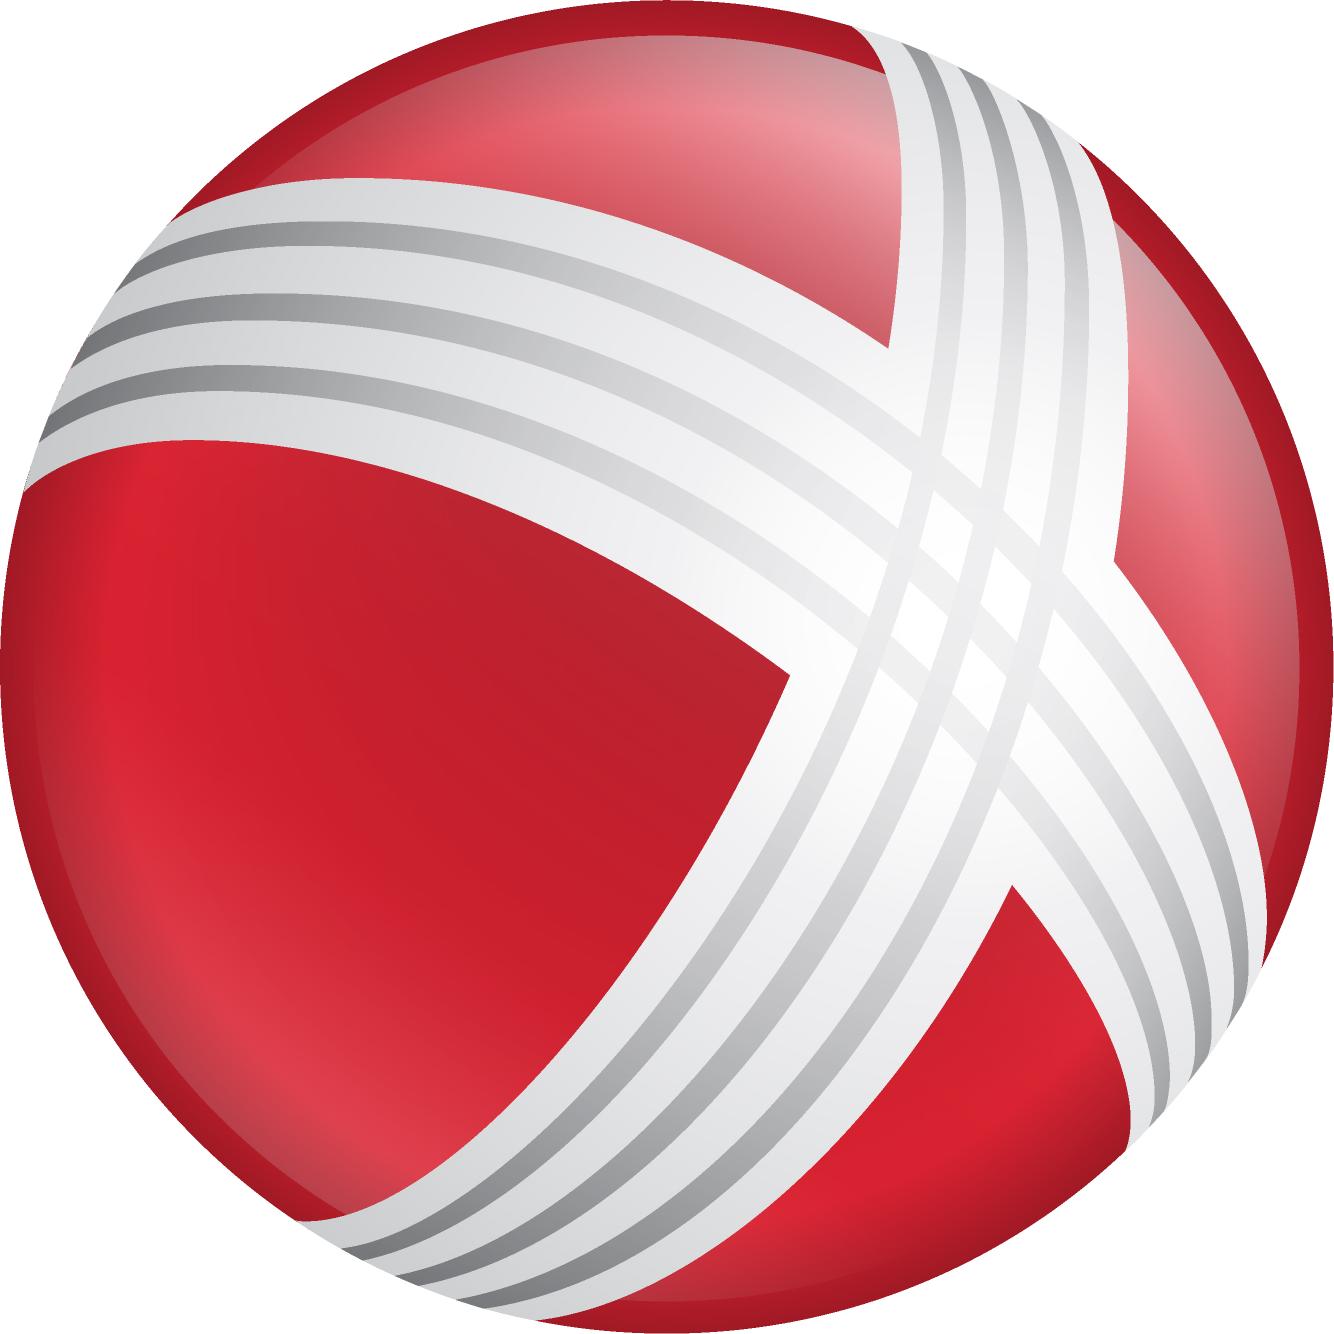 Xerox orb.png - Xerox PNG